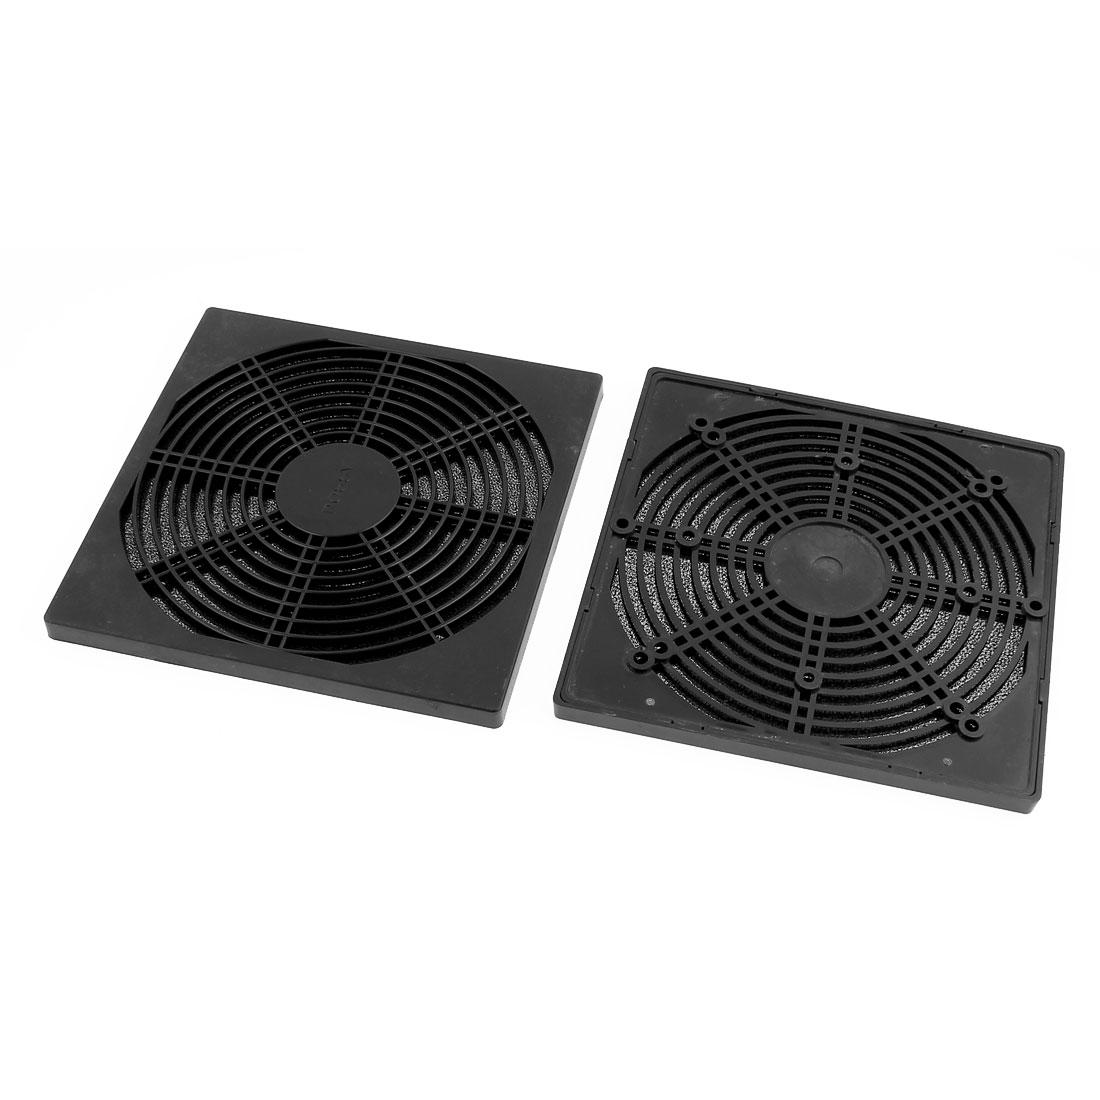 2pcs 177mm x 177mm Dustproof Case PC Computer Case Fan Dust Filter